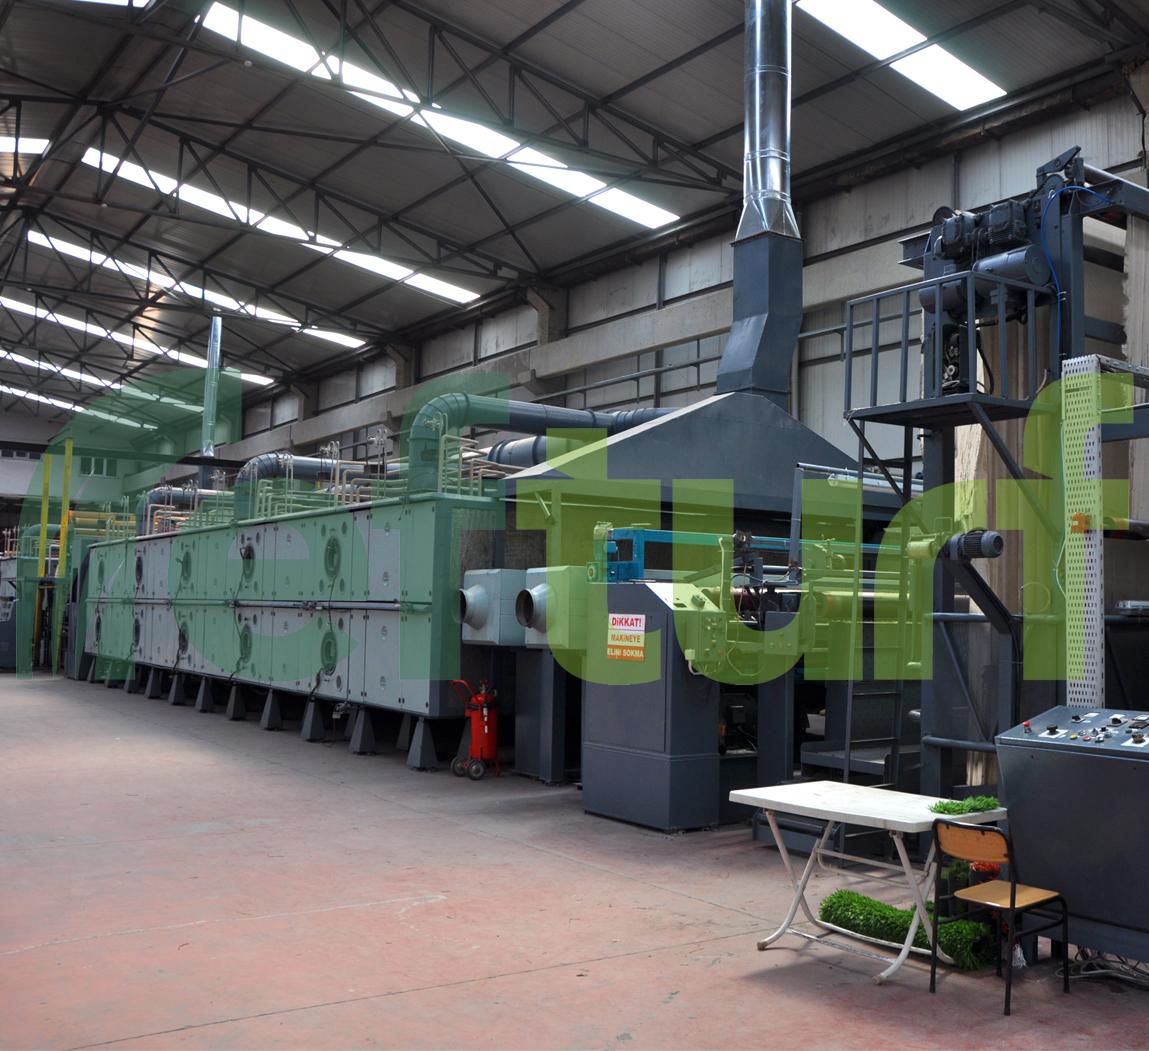 makina, sentetik çim üretim makinası, fırın, sentetik çim üretim fırını,